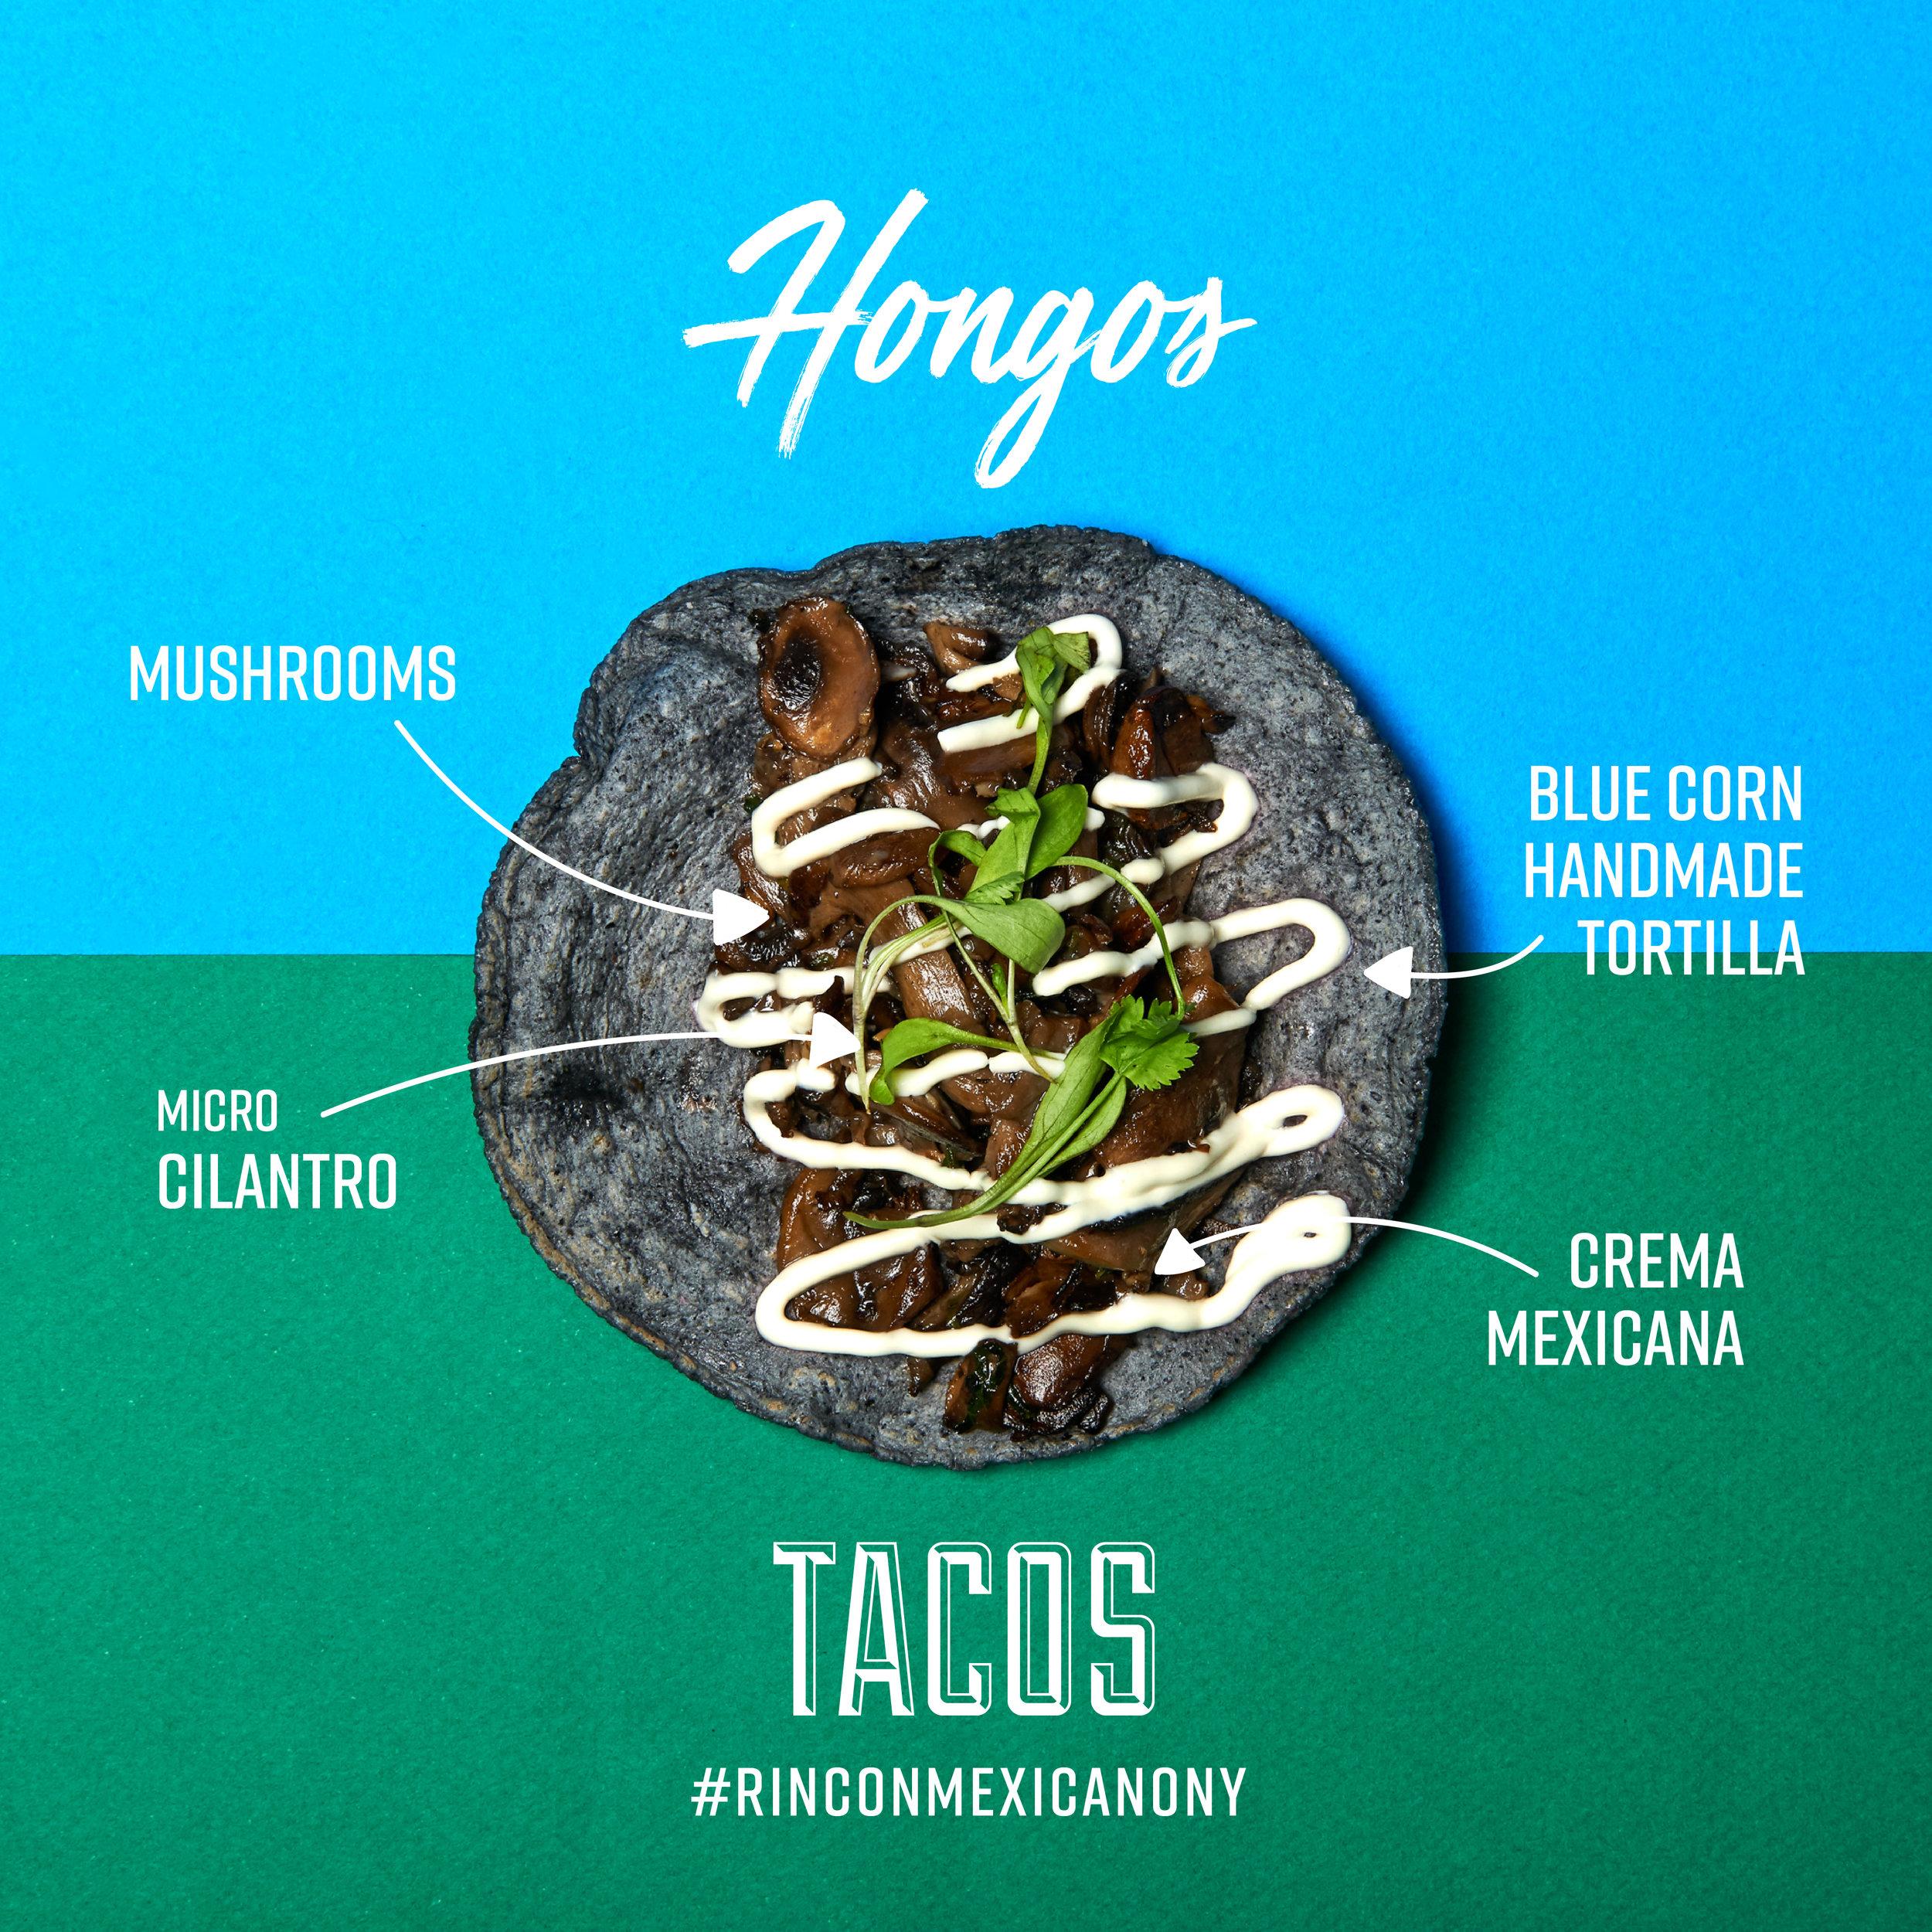 Tacos Hongos Rincon Mexicano